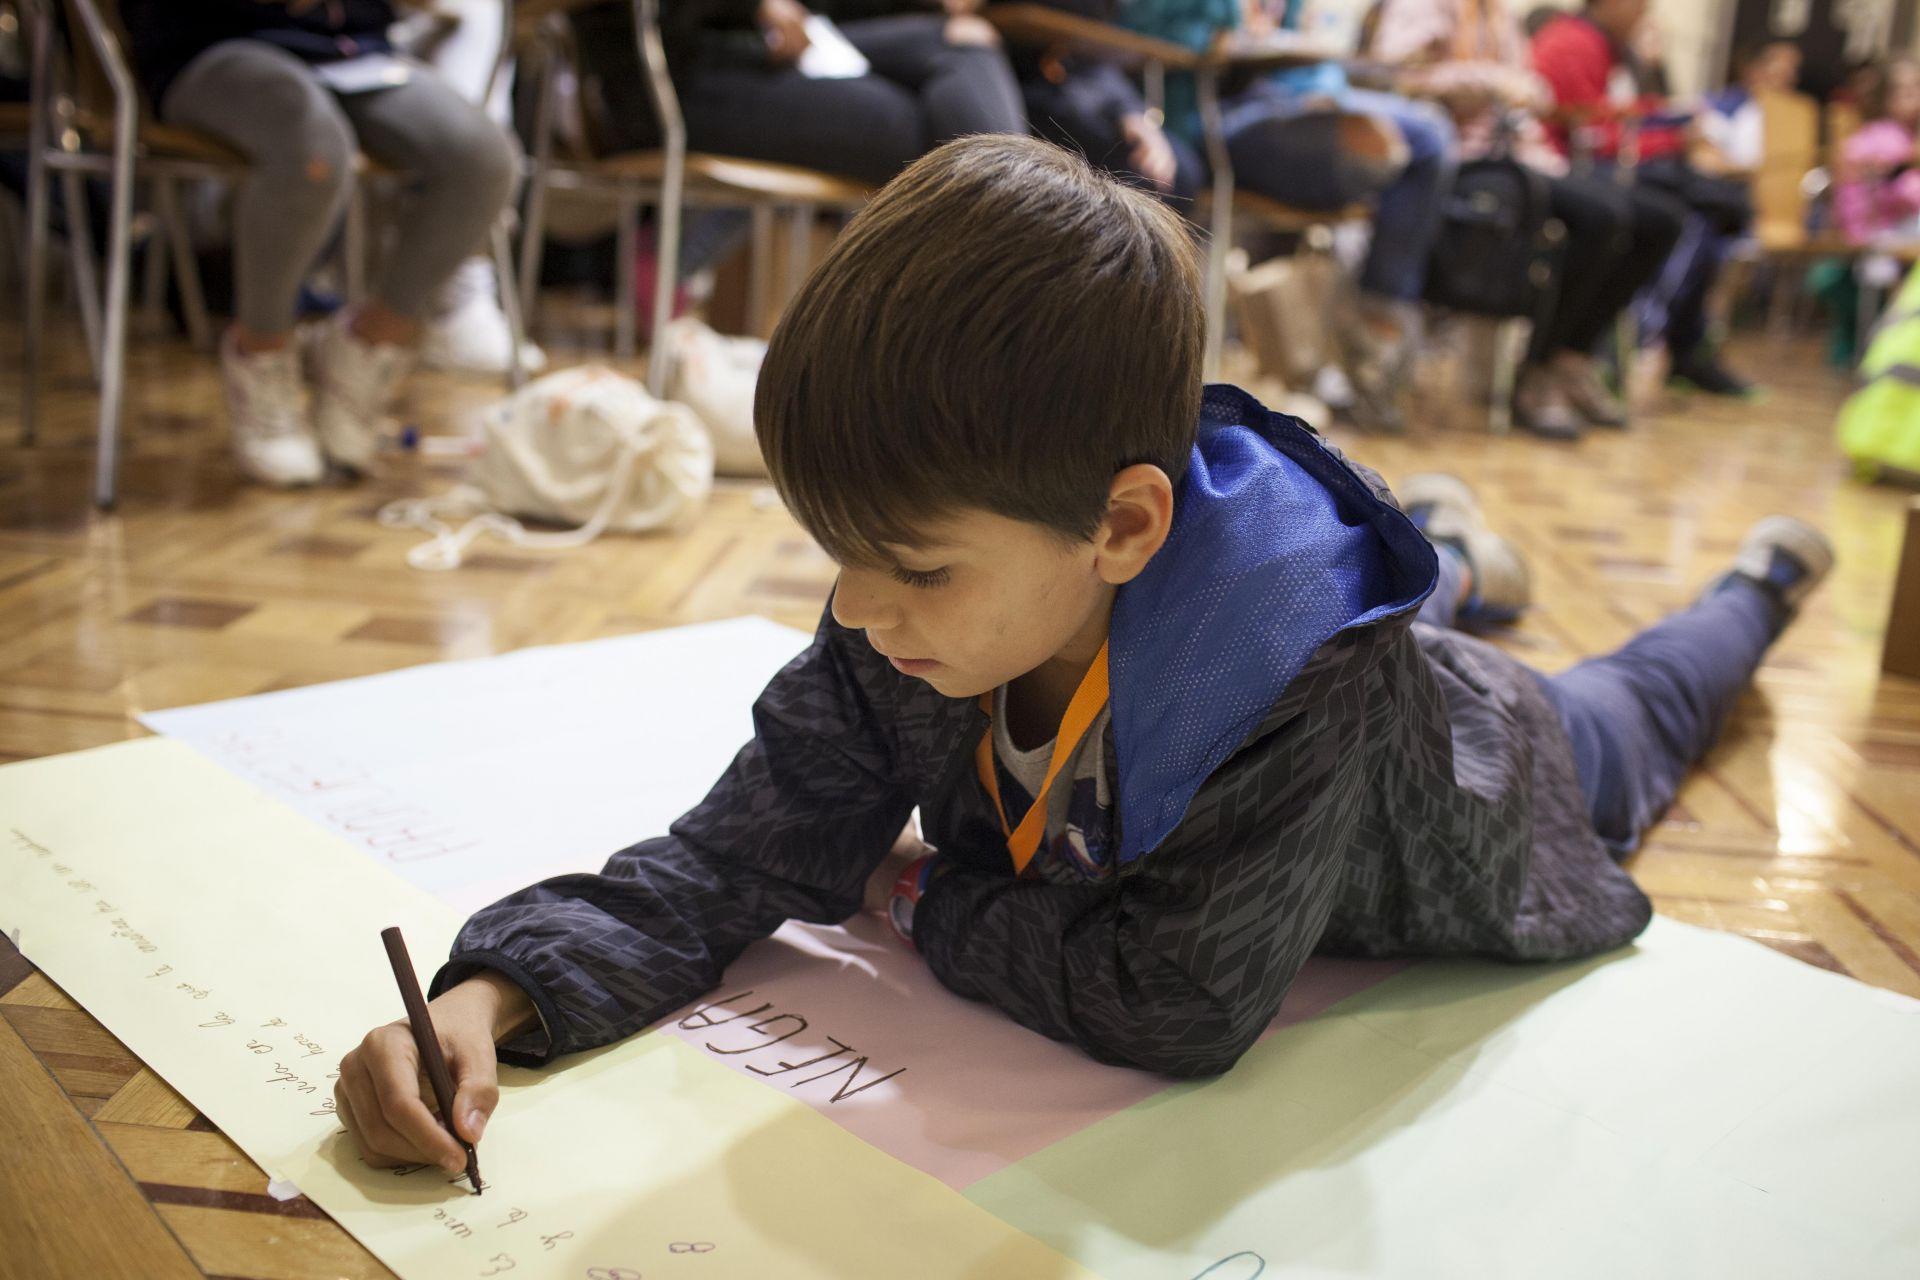 40 propuestas de los niños para mejorar sus vidas